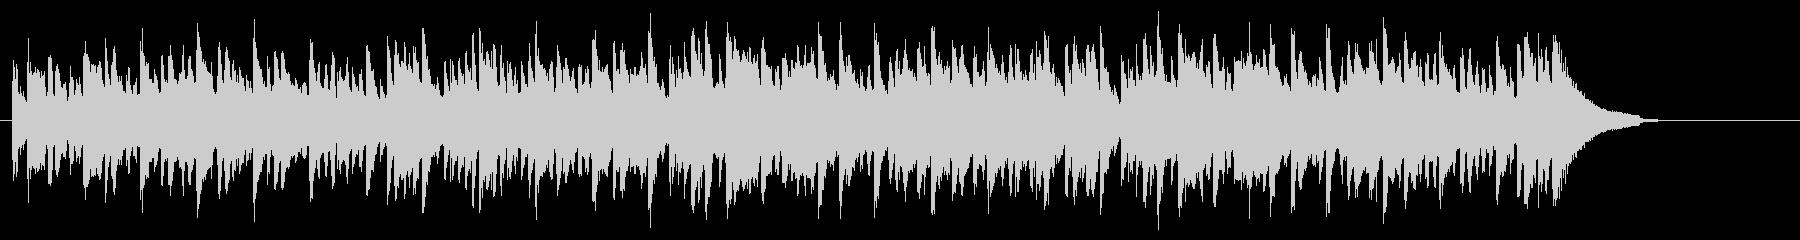 ほのぼのアコースティックなピアノBGMの未再生の波形